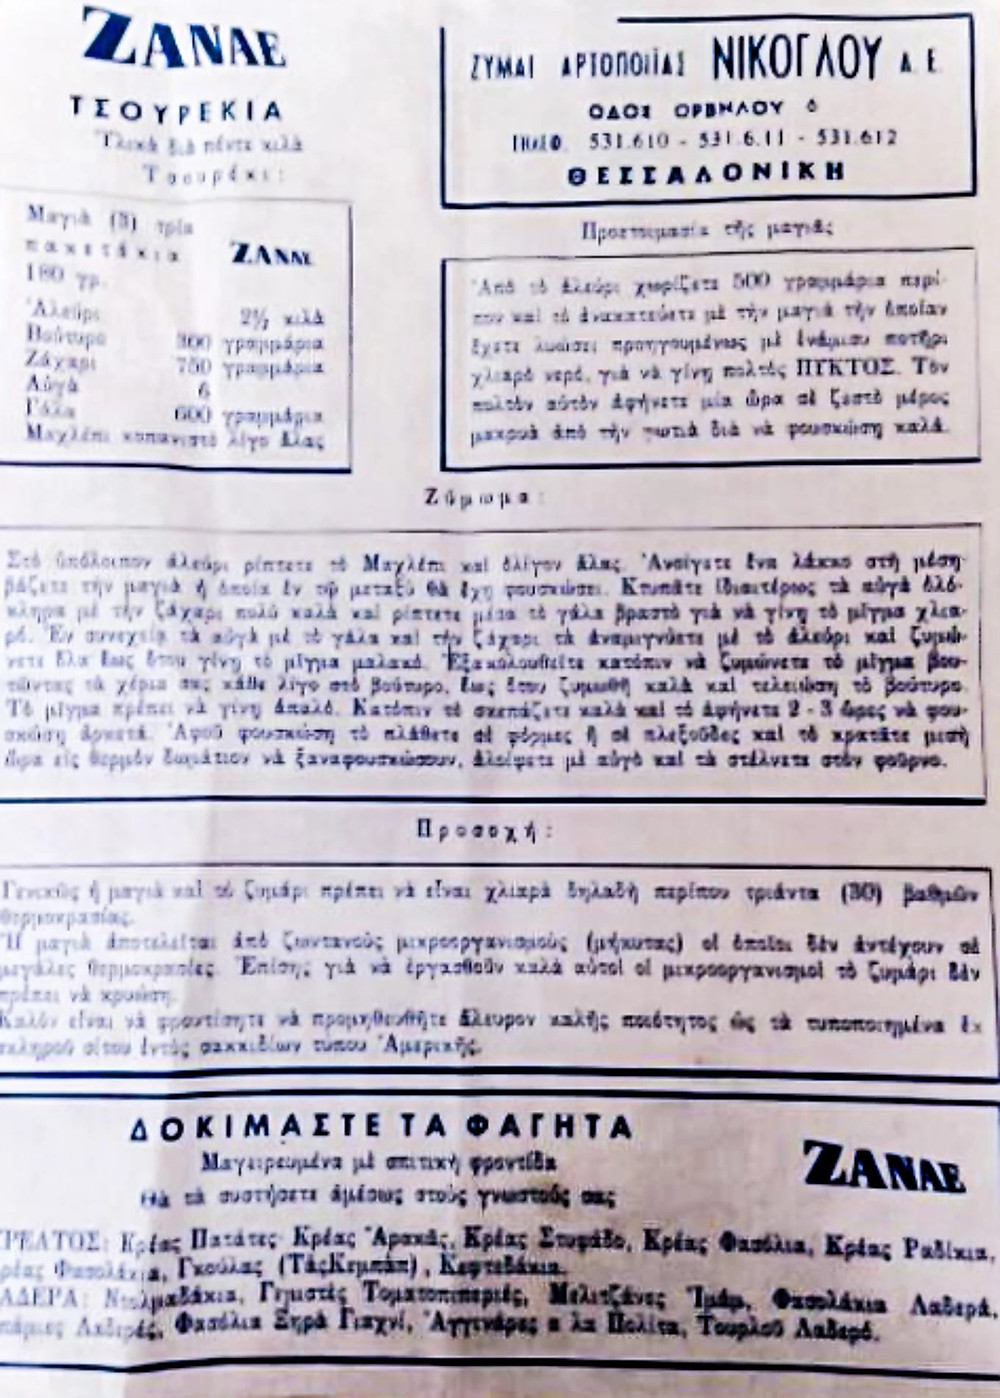 Τα Τσουρέκια της ΖΑΝΑΕ (μέρος 2o)